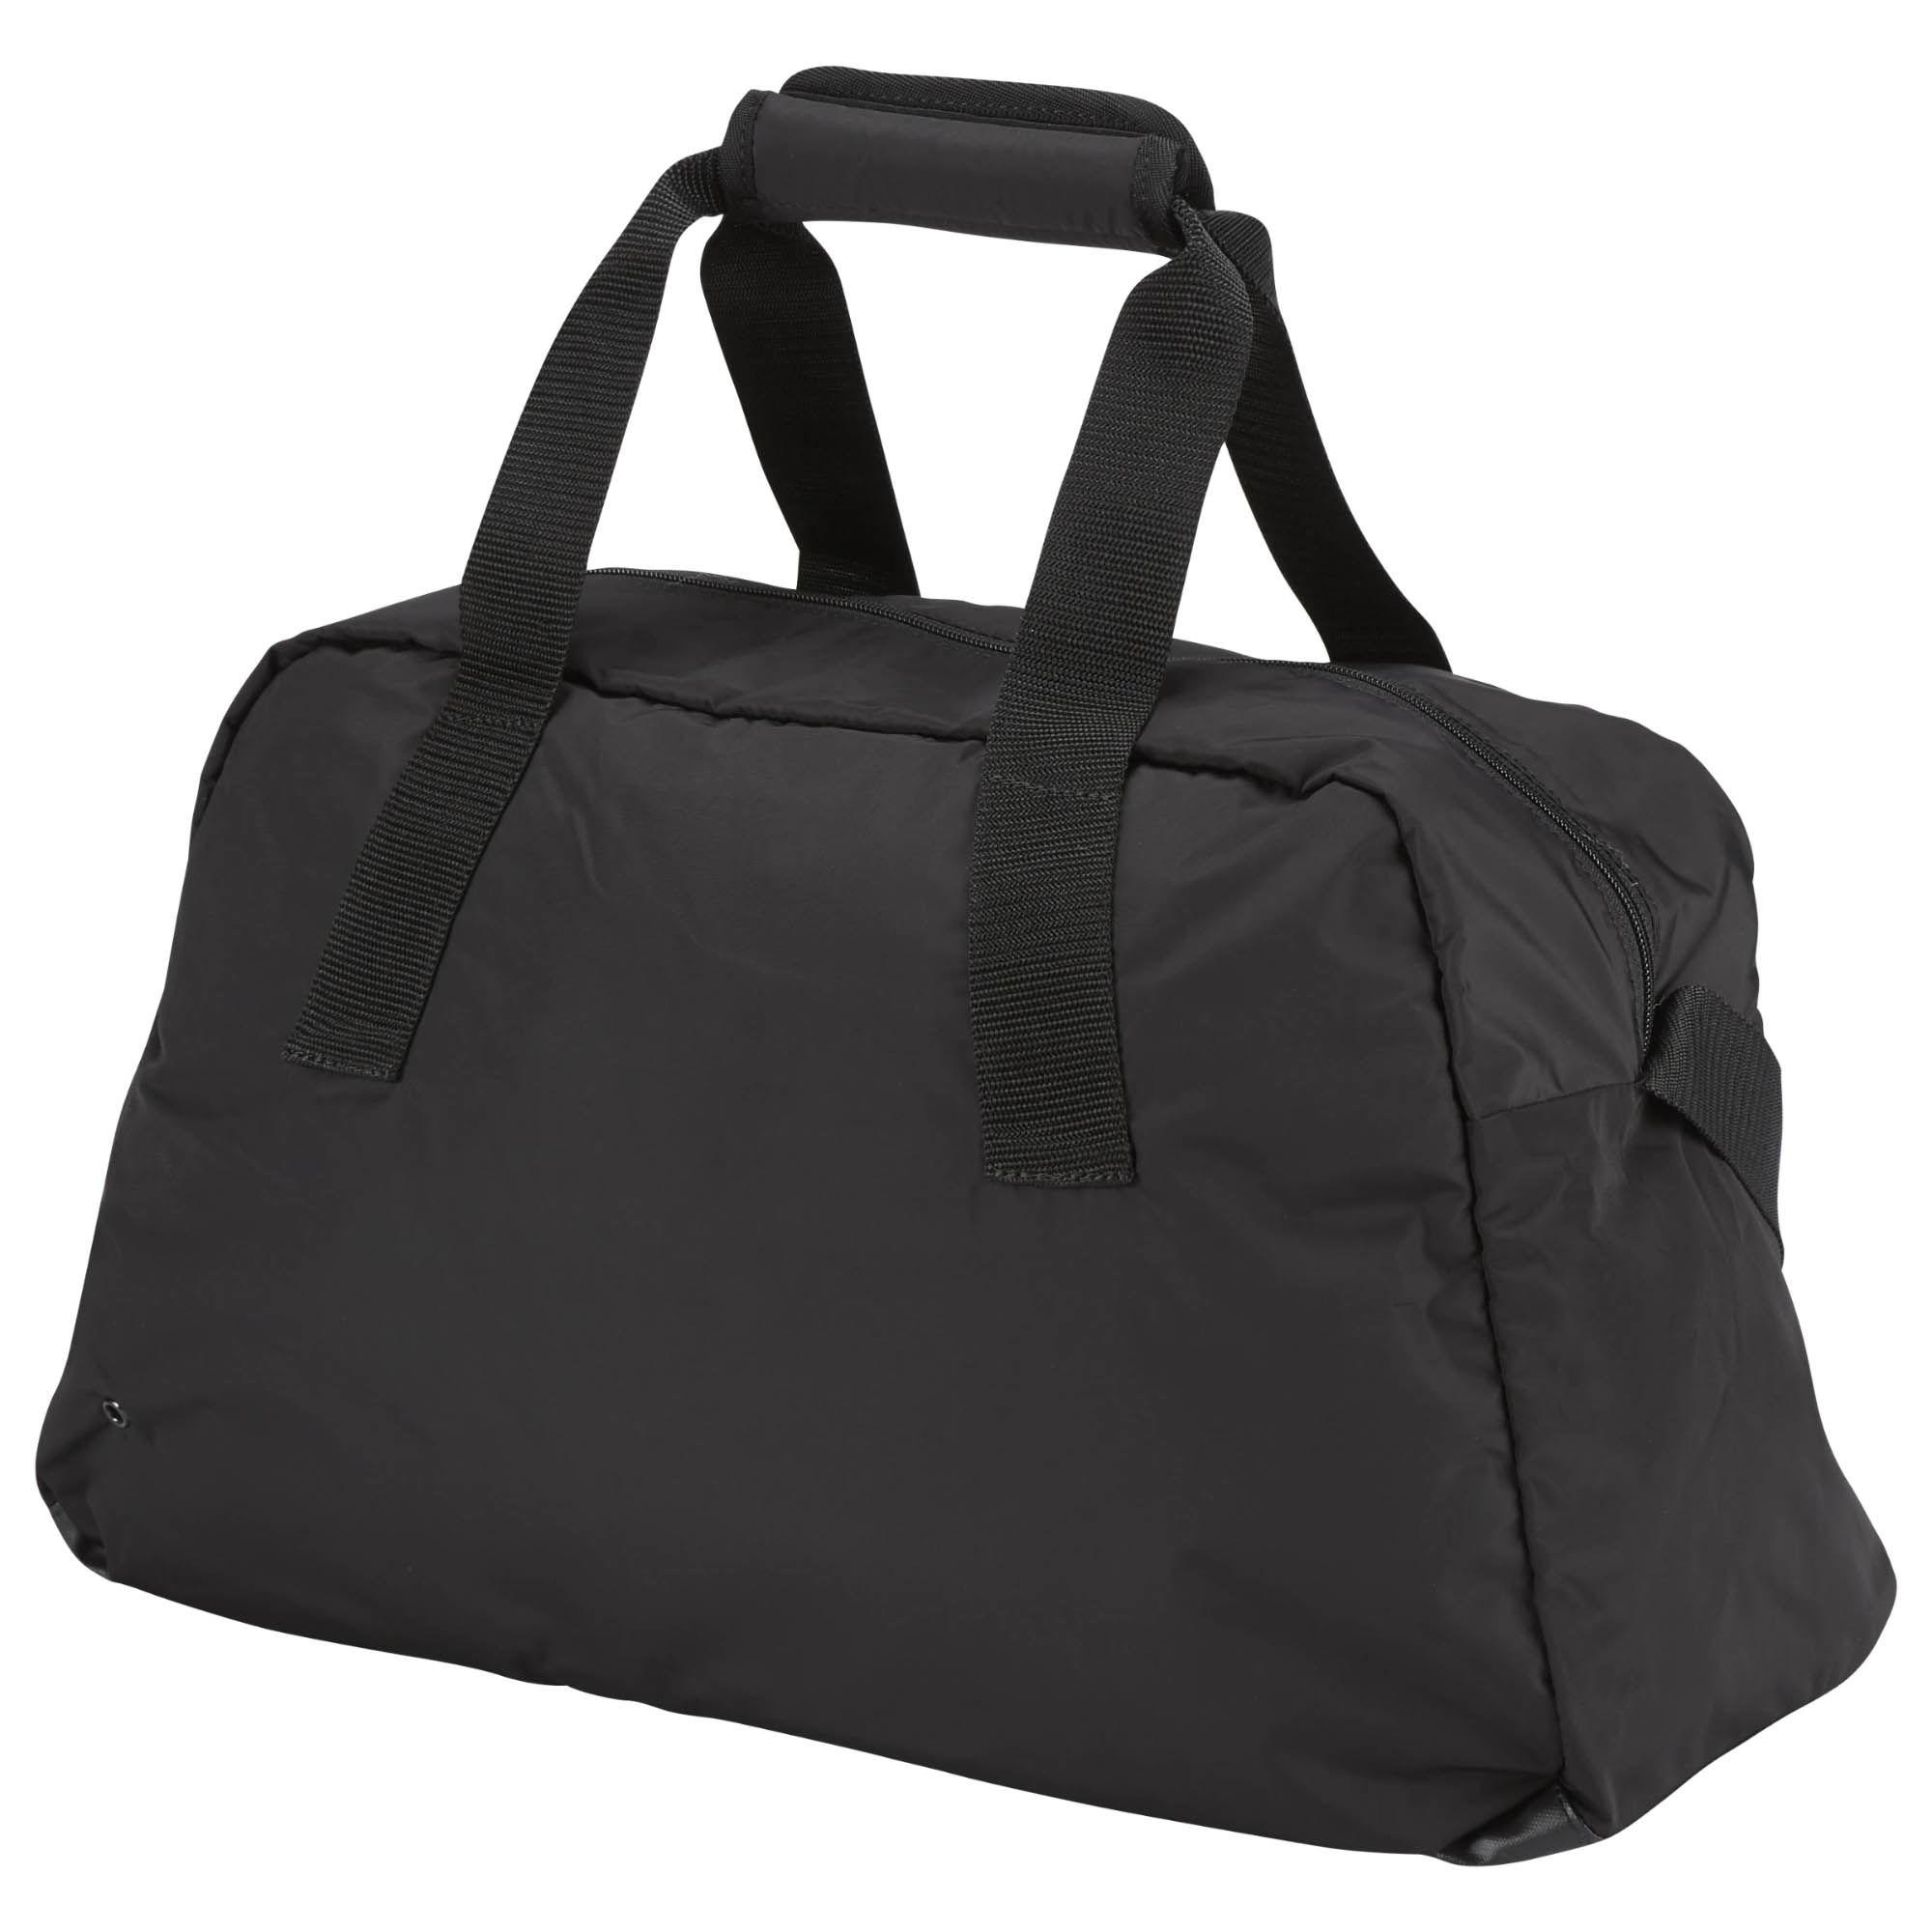 4af3f1f8 Женская спортивная сумка CE2724 | | REEBOK.KIEV